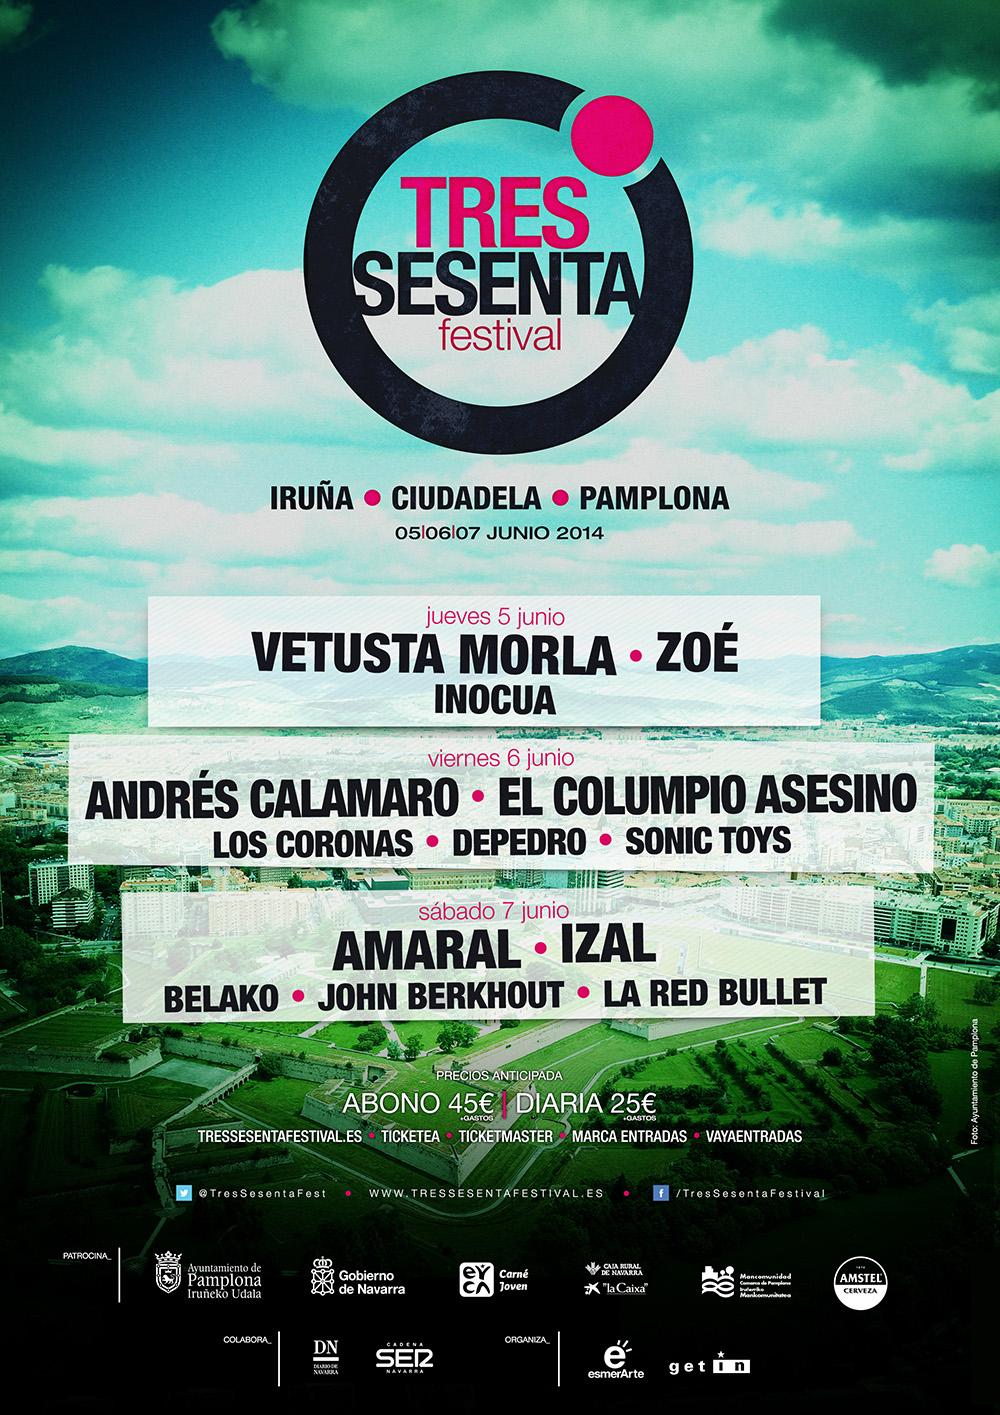 Este es el cartel del festival. La imagen está sacada de la web http://tressesentafestival.es/.